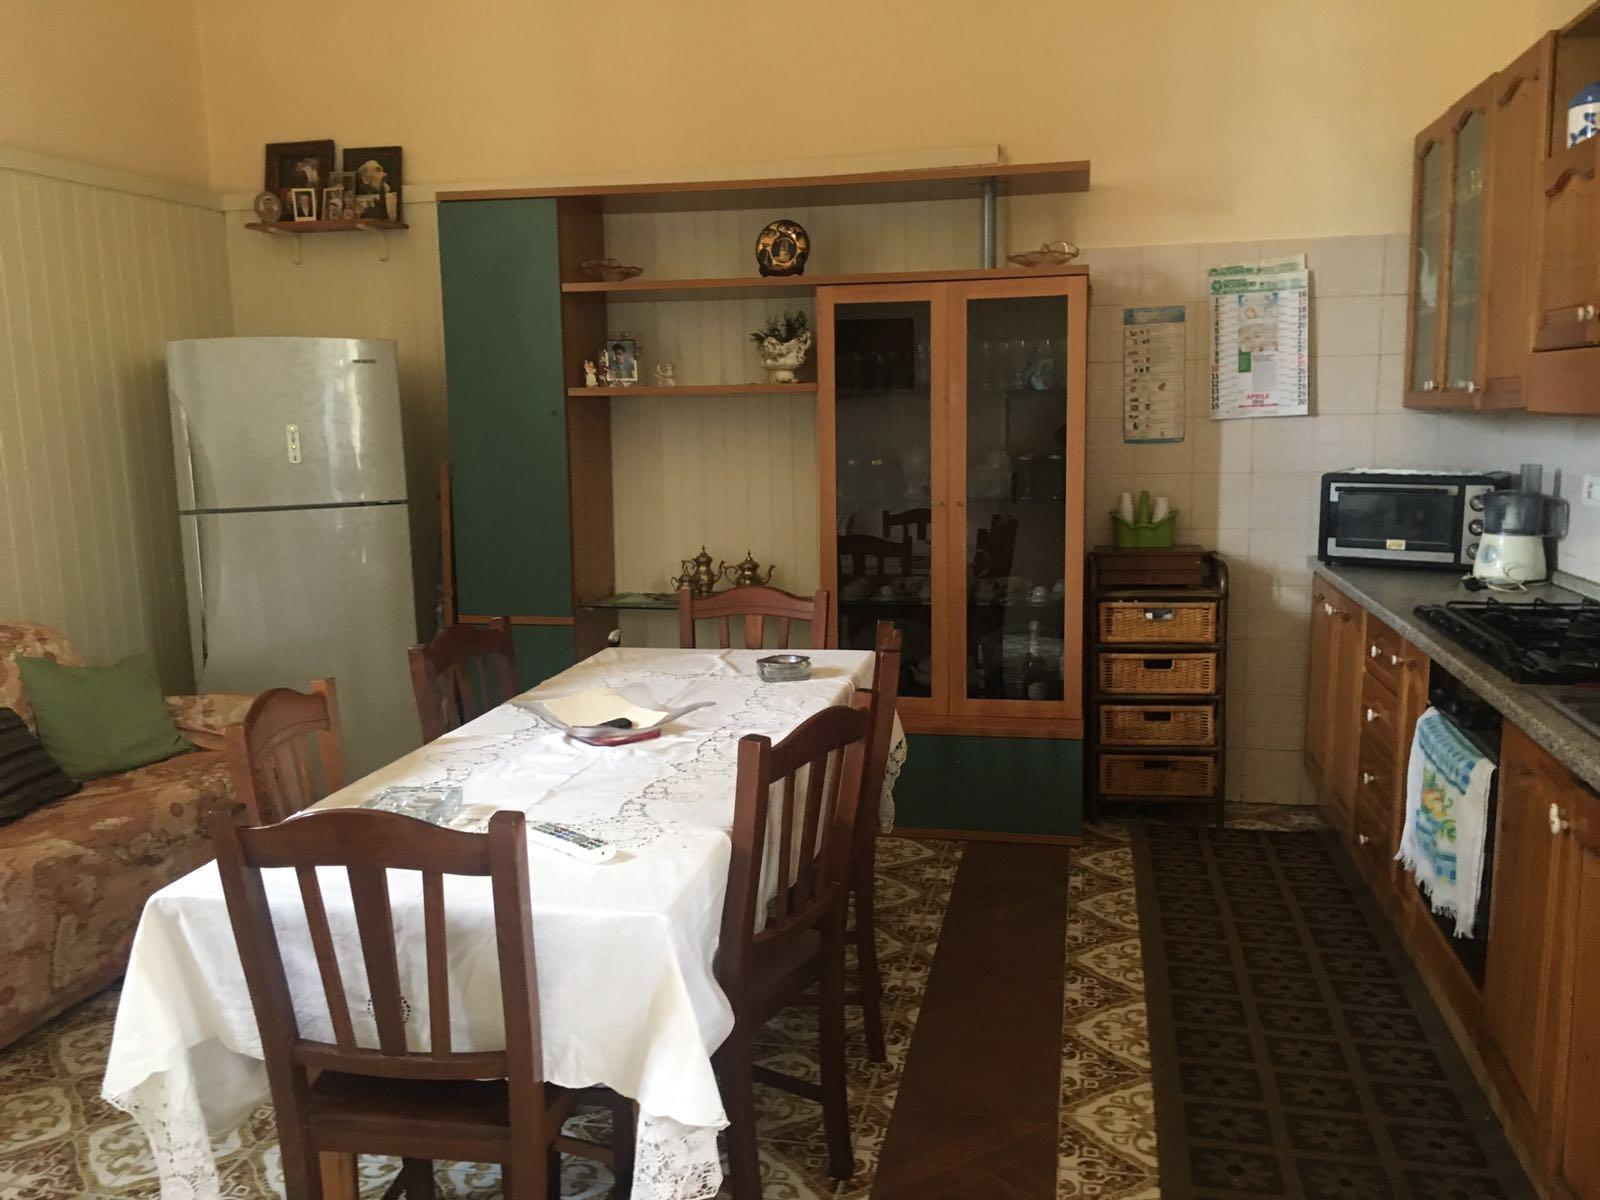 Soluzione Indipendente in vendita a Ottaviano, 3 locali, prezzo € 60.000 | Cambio Casa.it